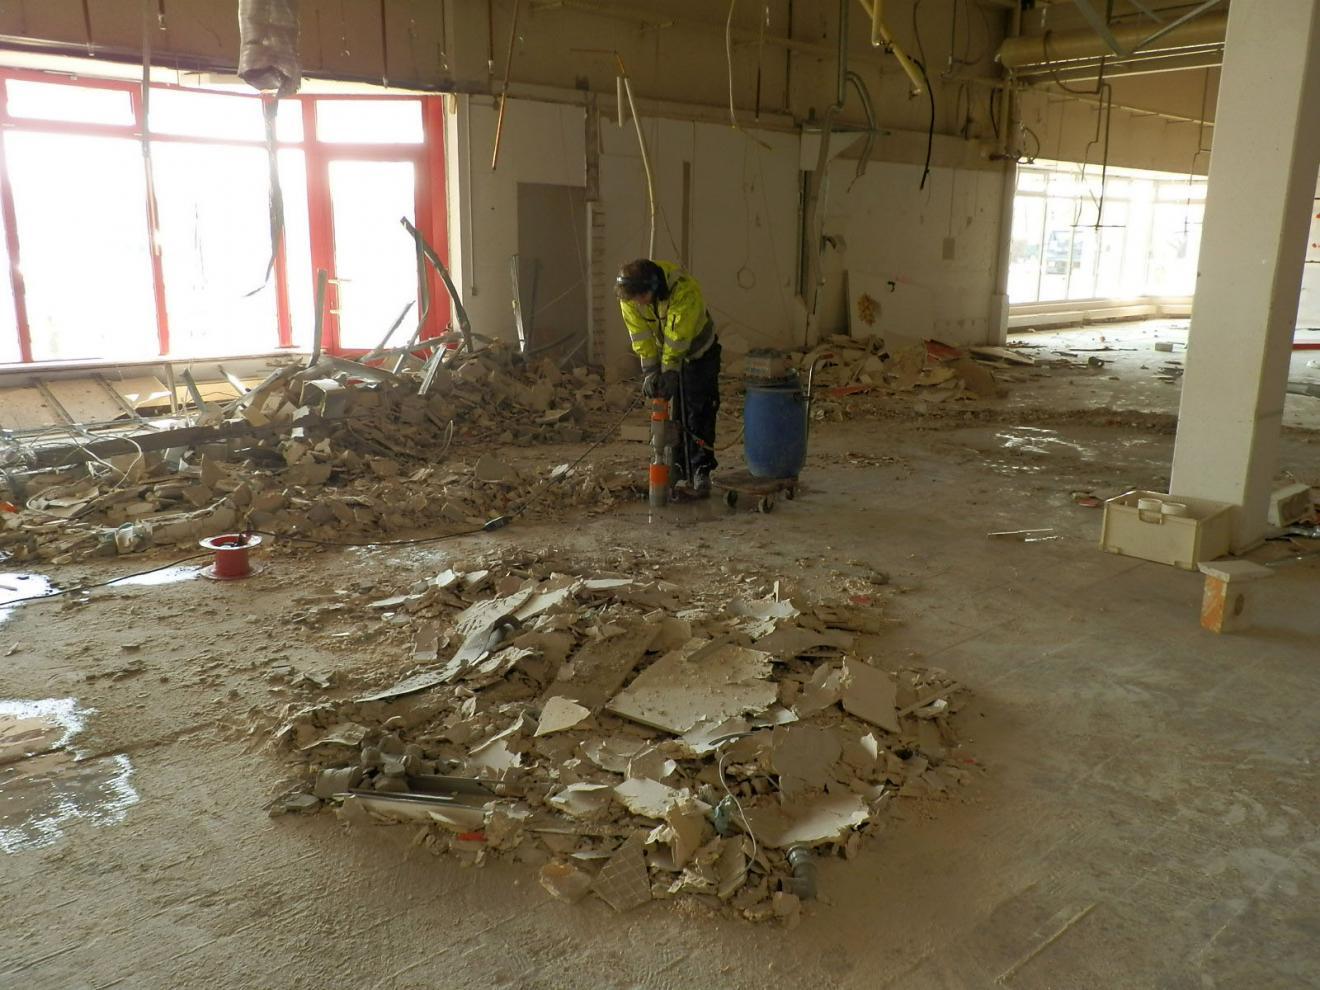 Ehemalige Chemische Reinigung im Real-SB Warenhaus in Mannheim-Sandhofen - Abfallrelevante Untersuchungen